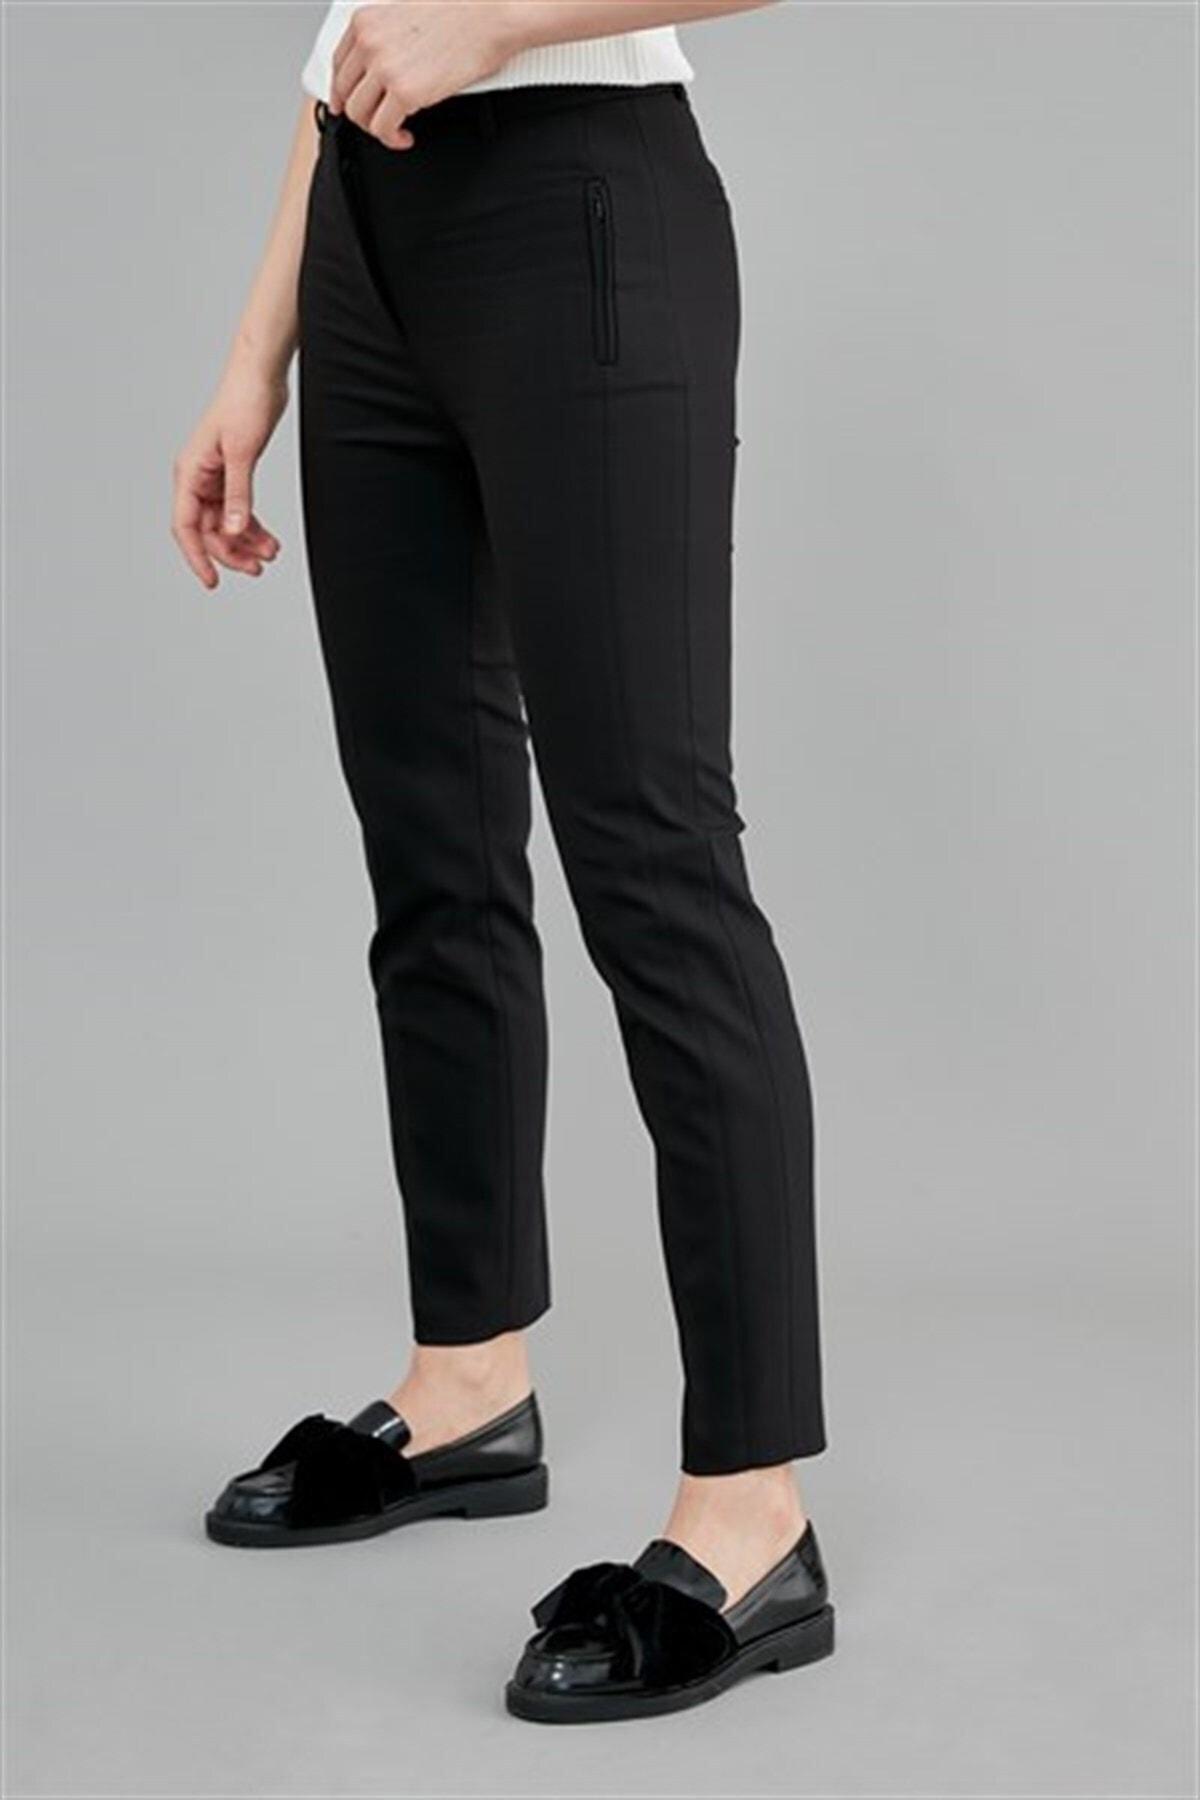 Journey Kadın Siyah Pantolon Ön Gizli Fermuarlı Dikey Fleto Cep,dar Paça 19kpnt491 2